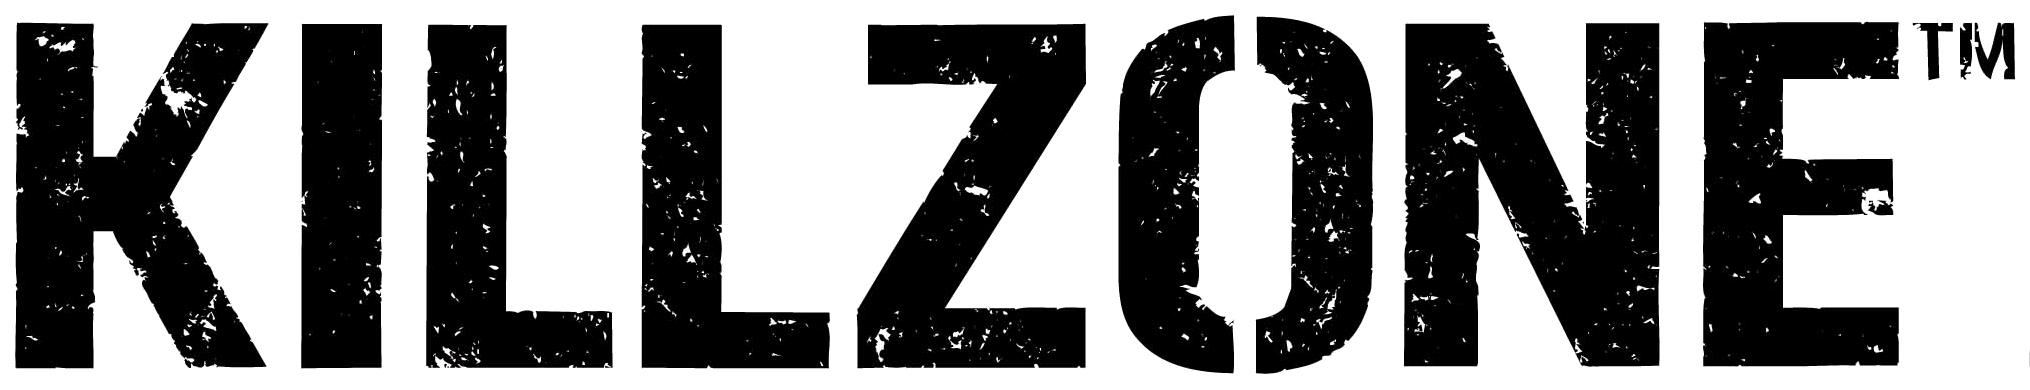 Top 22 de los mejores juegos de PS2 de la historia - Taringa!